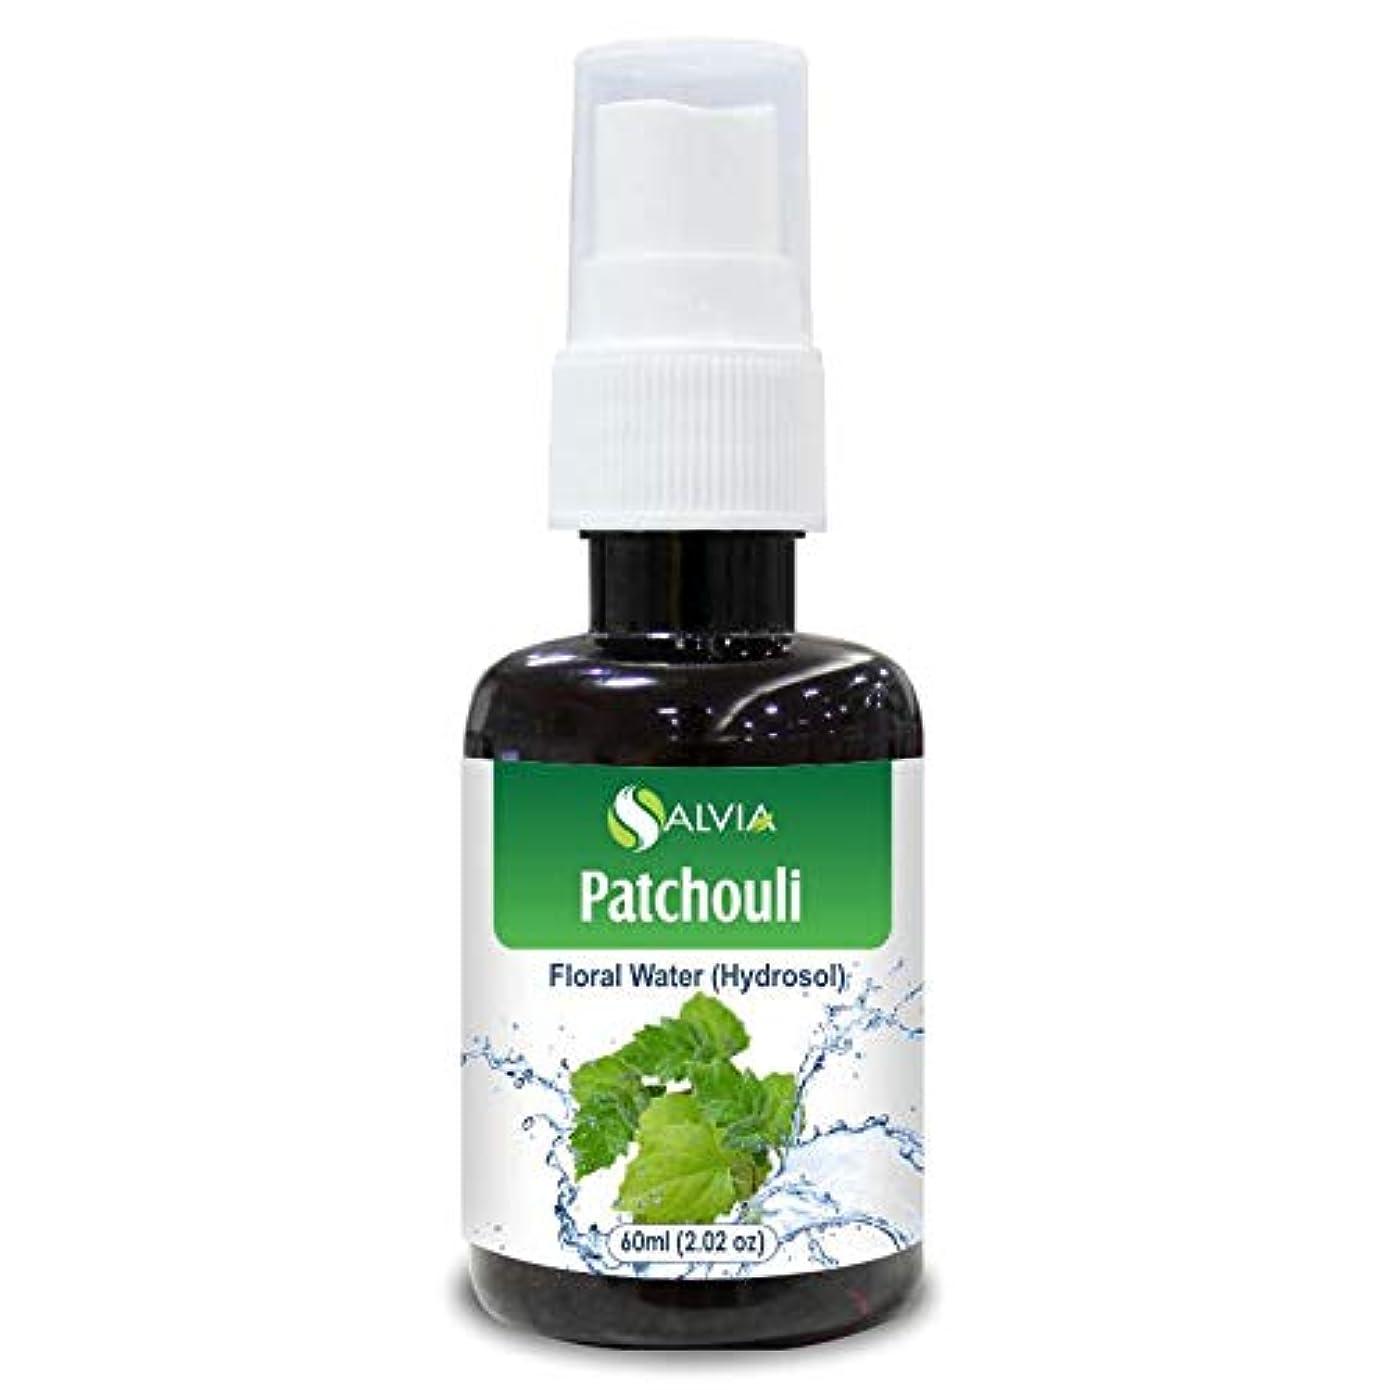 パラナ川タヒチ息苦しいPatchouli Floral Water 60ml (Hydrosol) 100% Pure And Natural